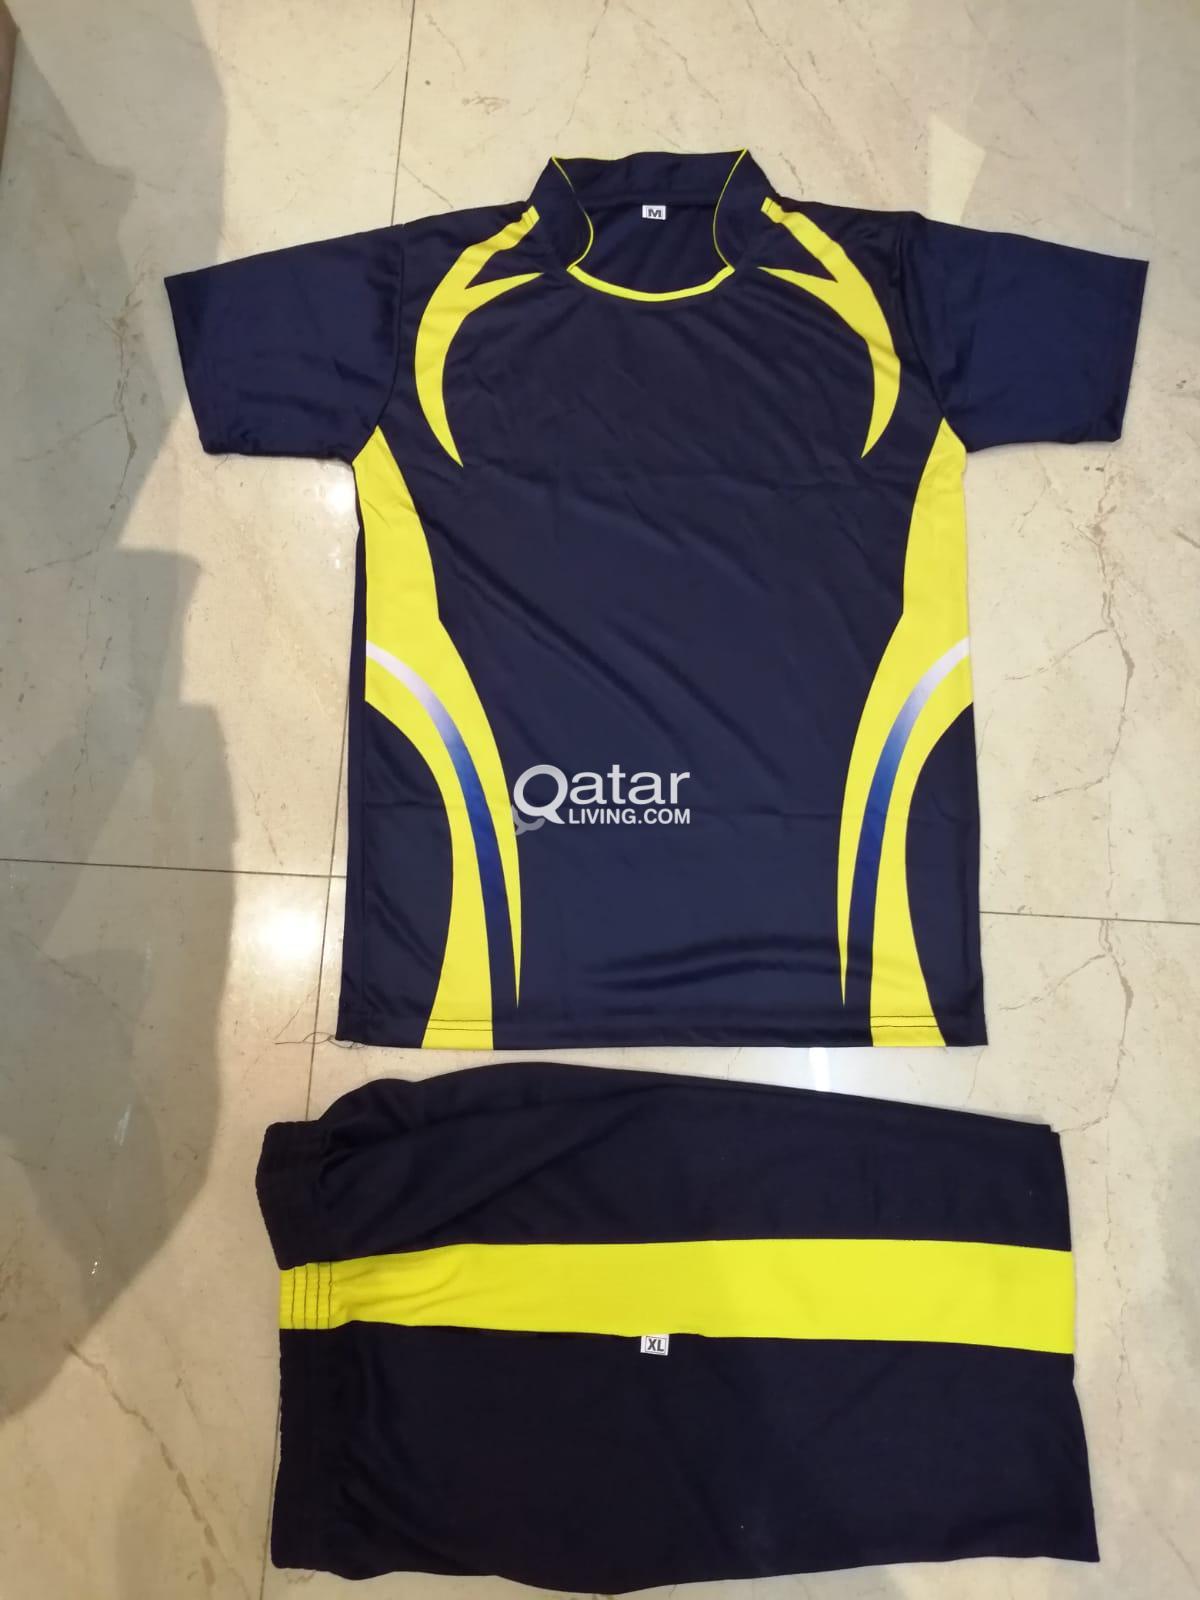 Sports kits | Qatar Living